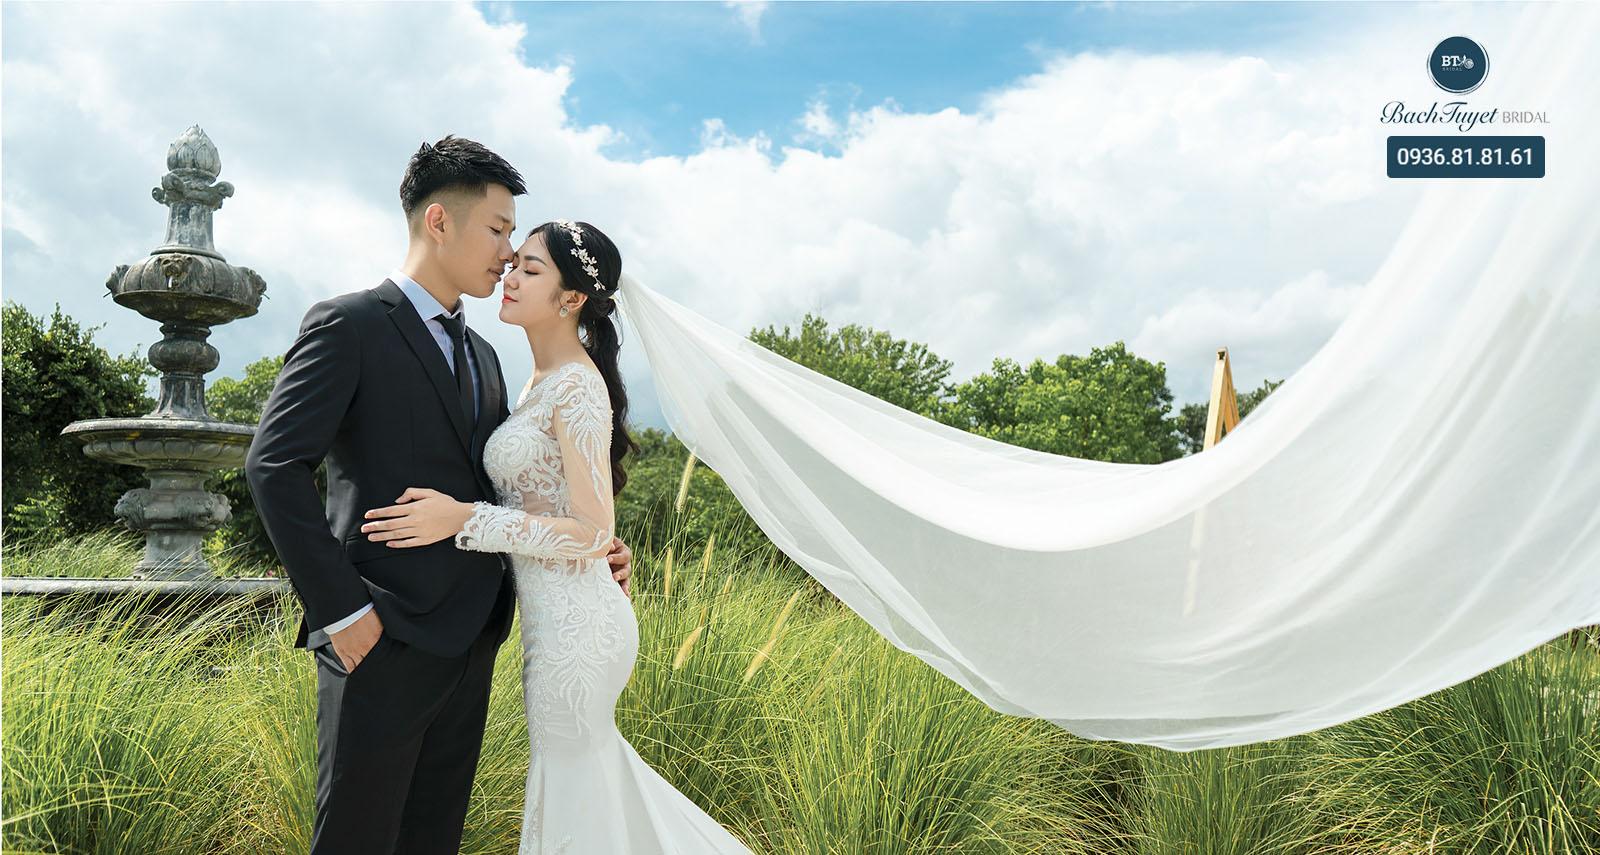 Gợi ý cách tạo dáng chụp ảnh cưới chú rể đơn giản, tự nhiên, tinh tế